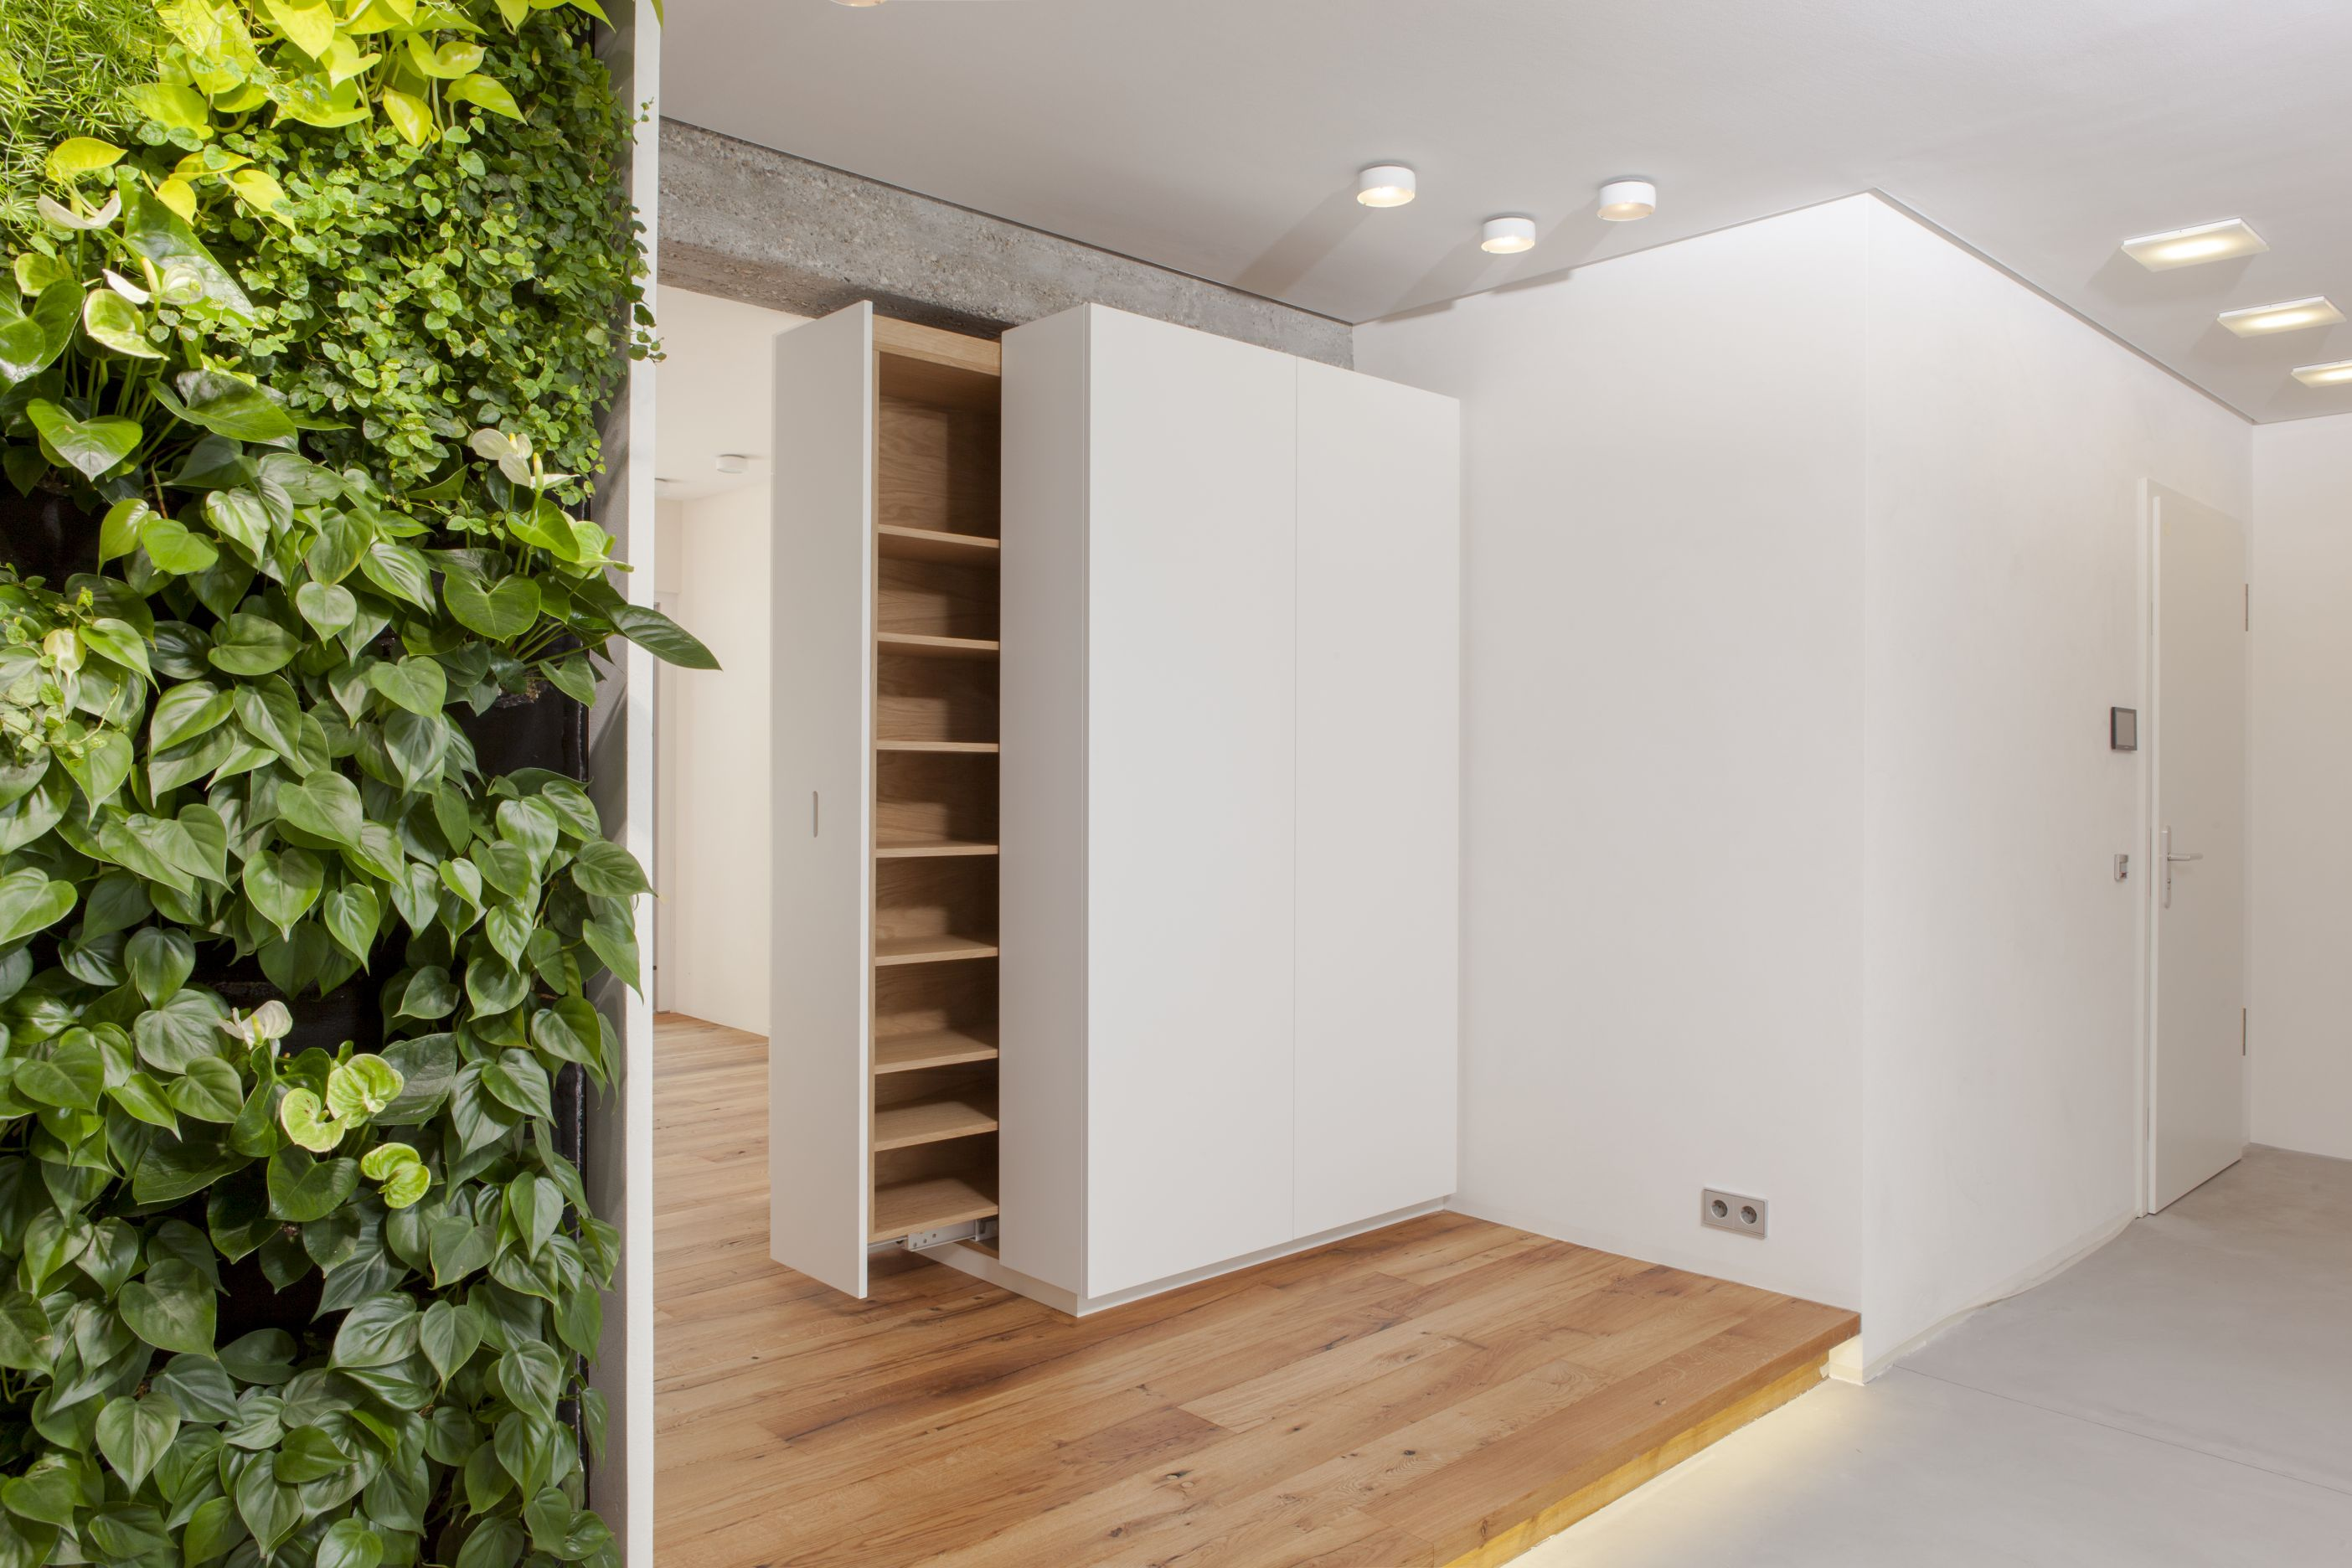 zwinz loft bewachsene wand schrank ausziehbar echt zwinz. Black Bedroom Furniture Sets. Home Design Ideas